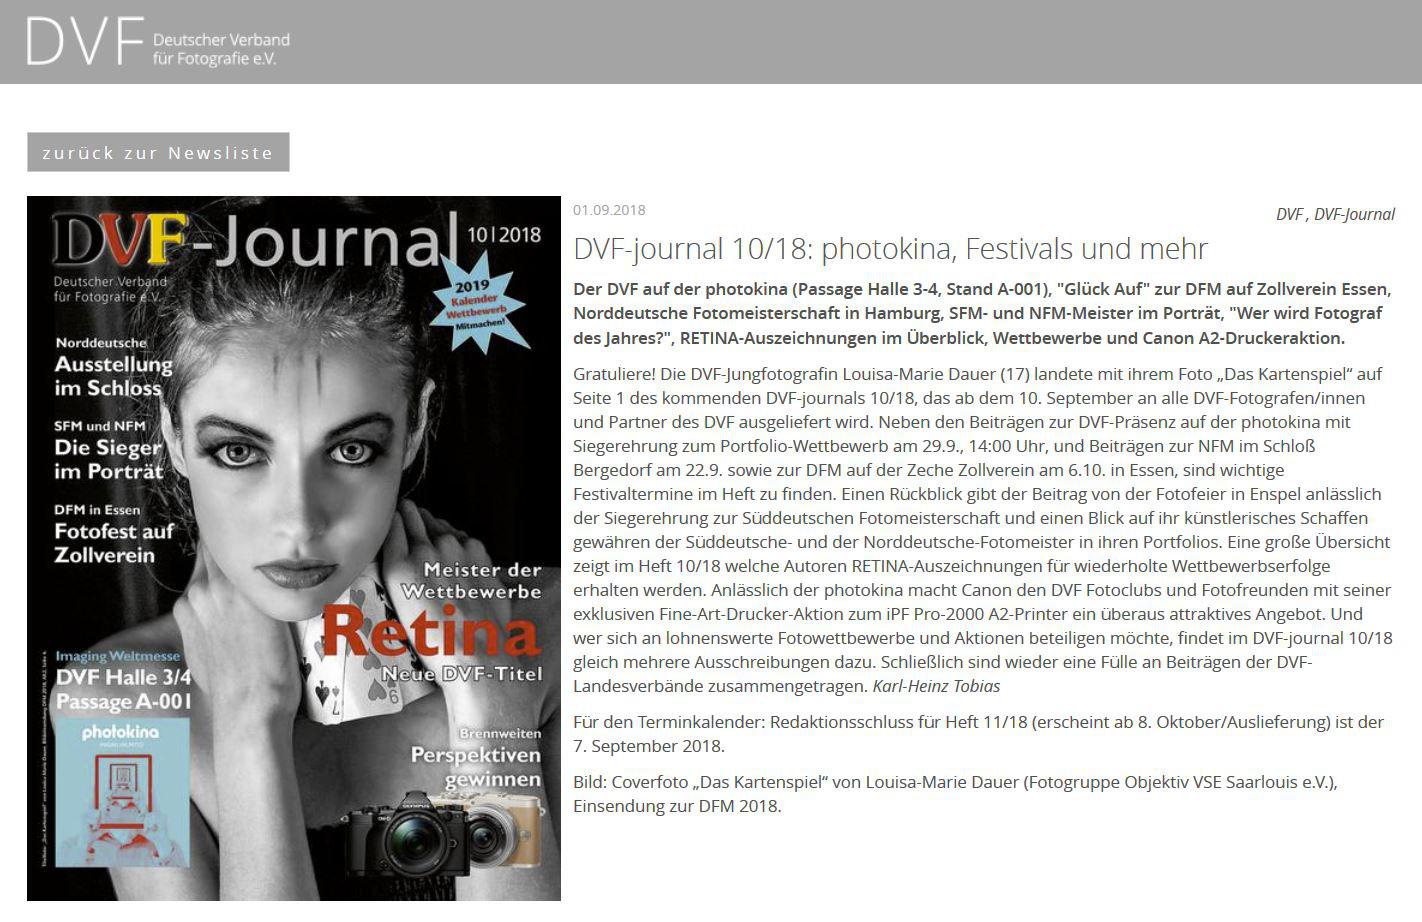 Im Spiegel der Presse - fotogruppe-objektiv-vse